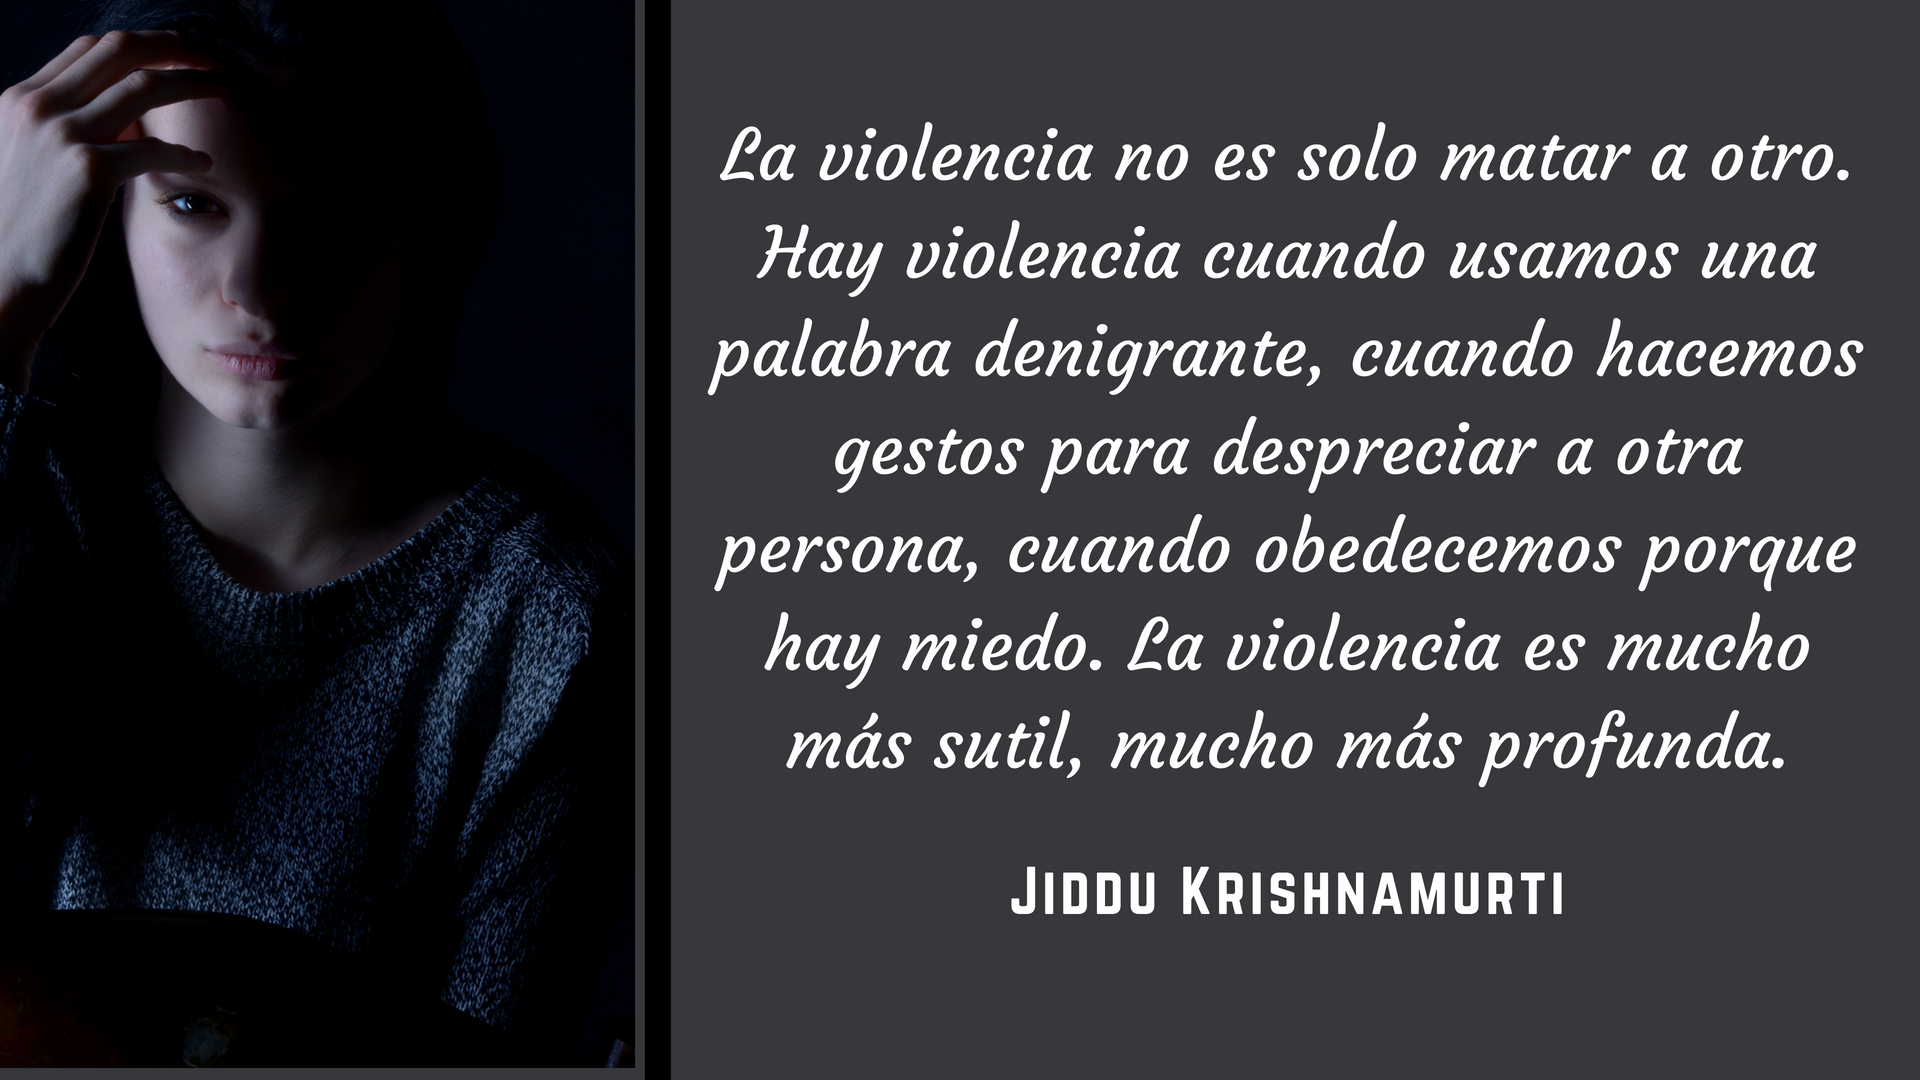 La violencia no es solo matar a otro. Hay violencia cuando usamos una palabra denigrante, cuando hacemos gestos para despreciar a otra persona, cuando obedecemos porque hay miedo. La vio